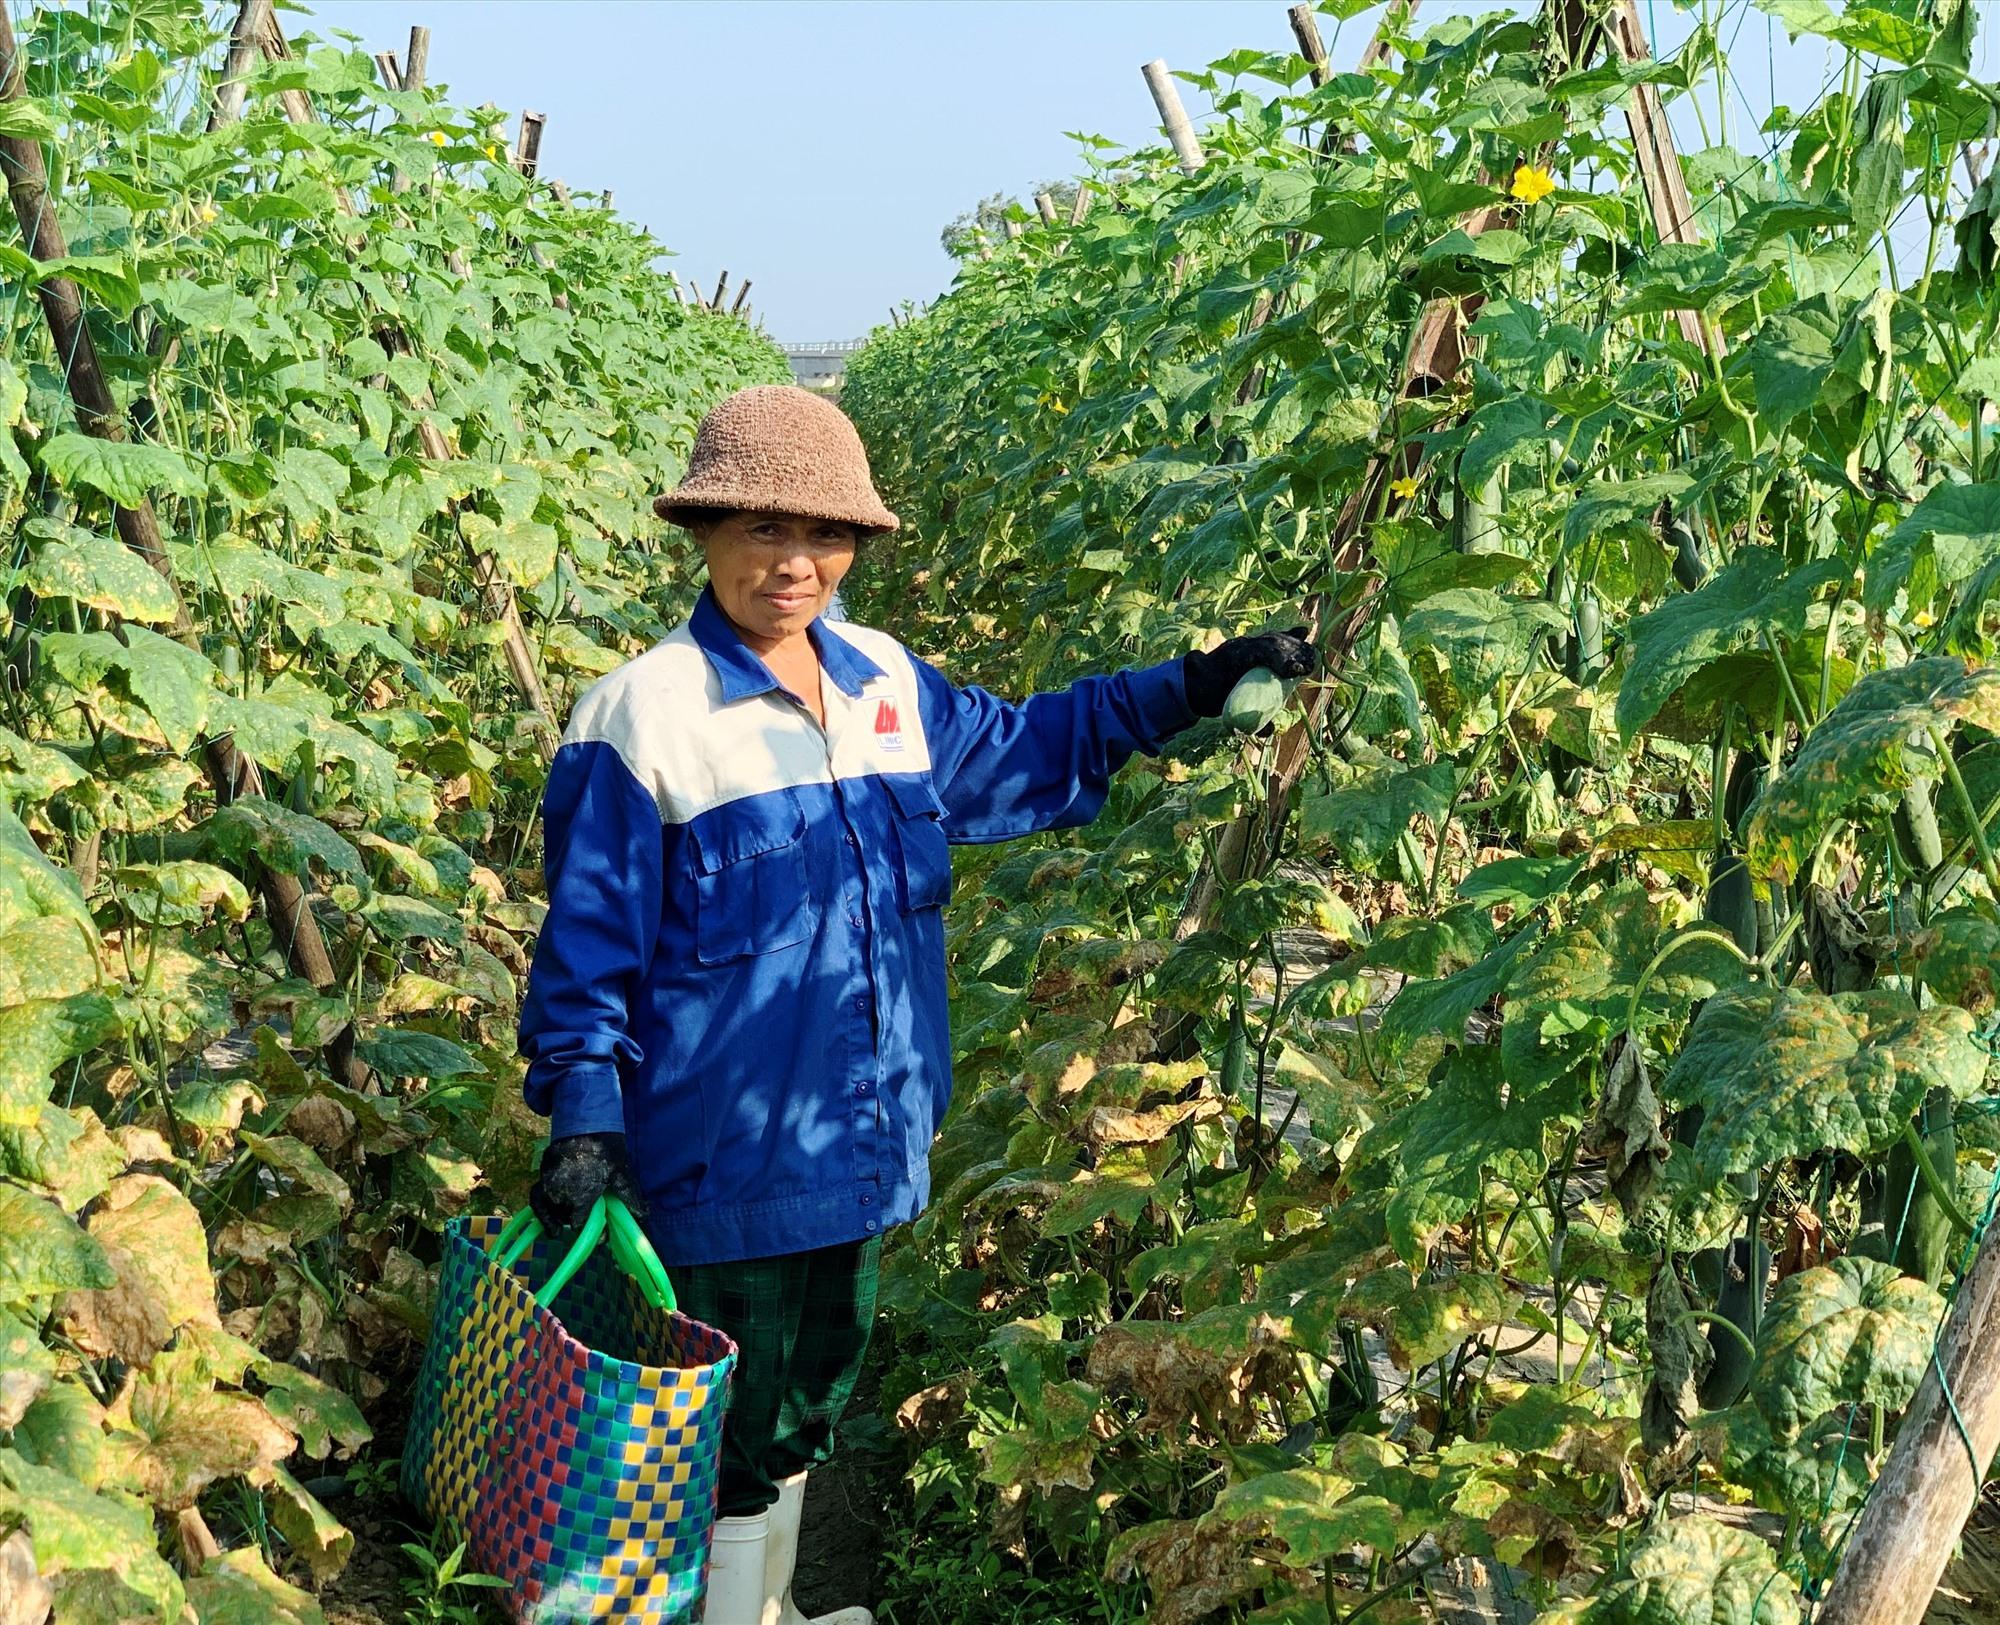 Vắng bóng tư thương, nông dân ở nhiều vùng trồng rau củ quả lớn của tỉnh phải thu hái và mang ra chợ bán với mức giá khá thấp. Ảnh: N.T